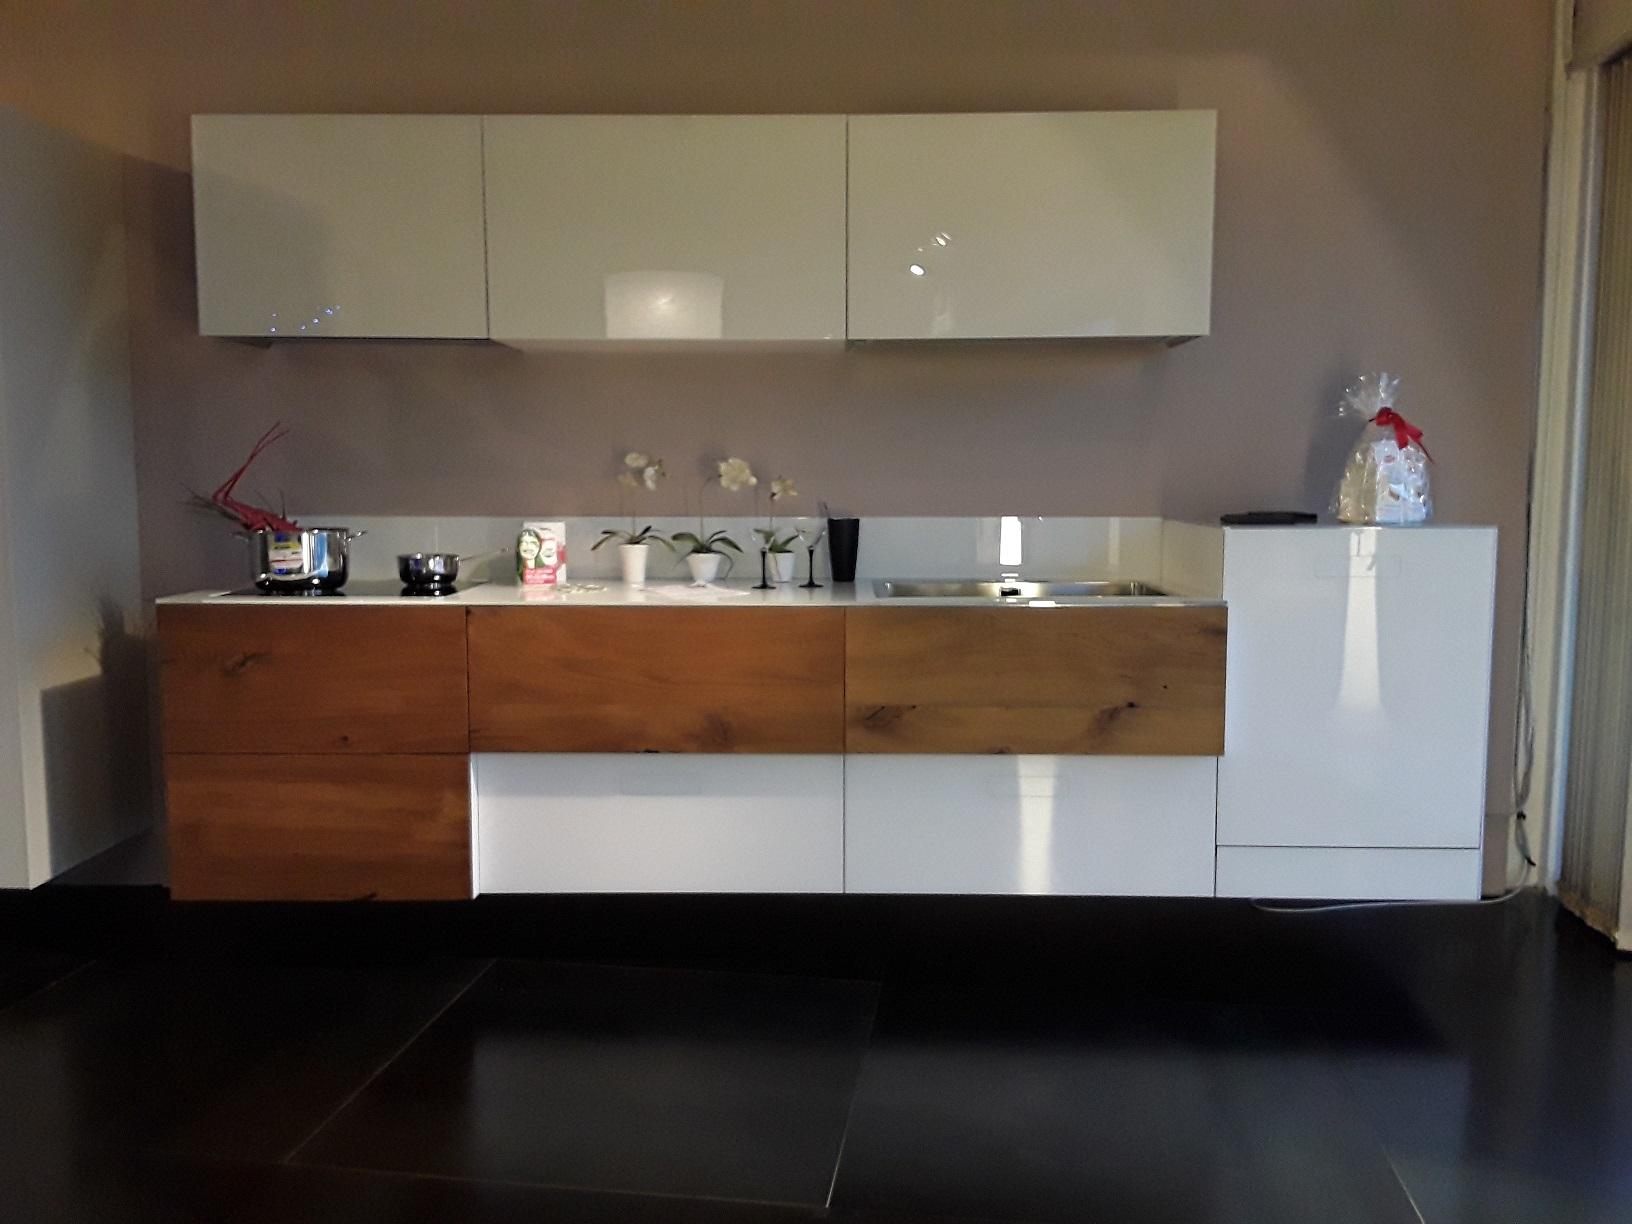 Cucina Lago Prezzi ~ Idee Creative su Design Per La Casa e Interni